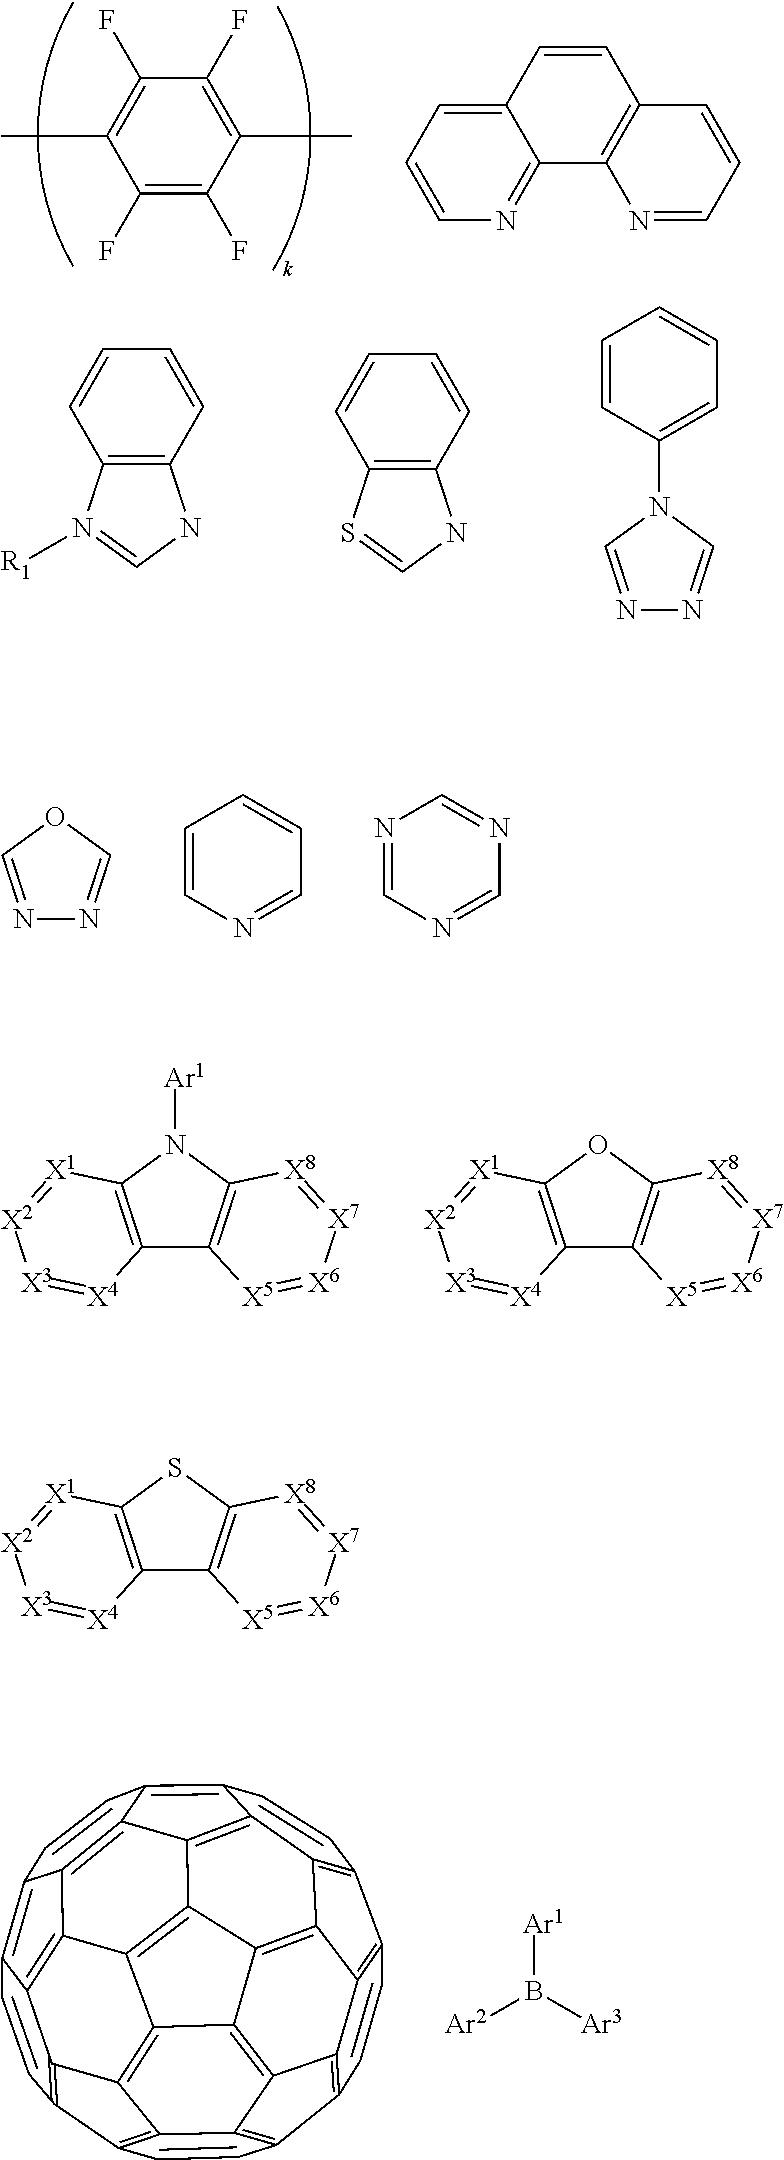 Figure US08563737-20131022-C00035